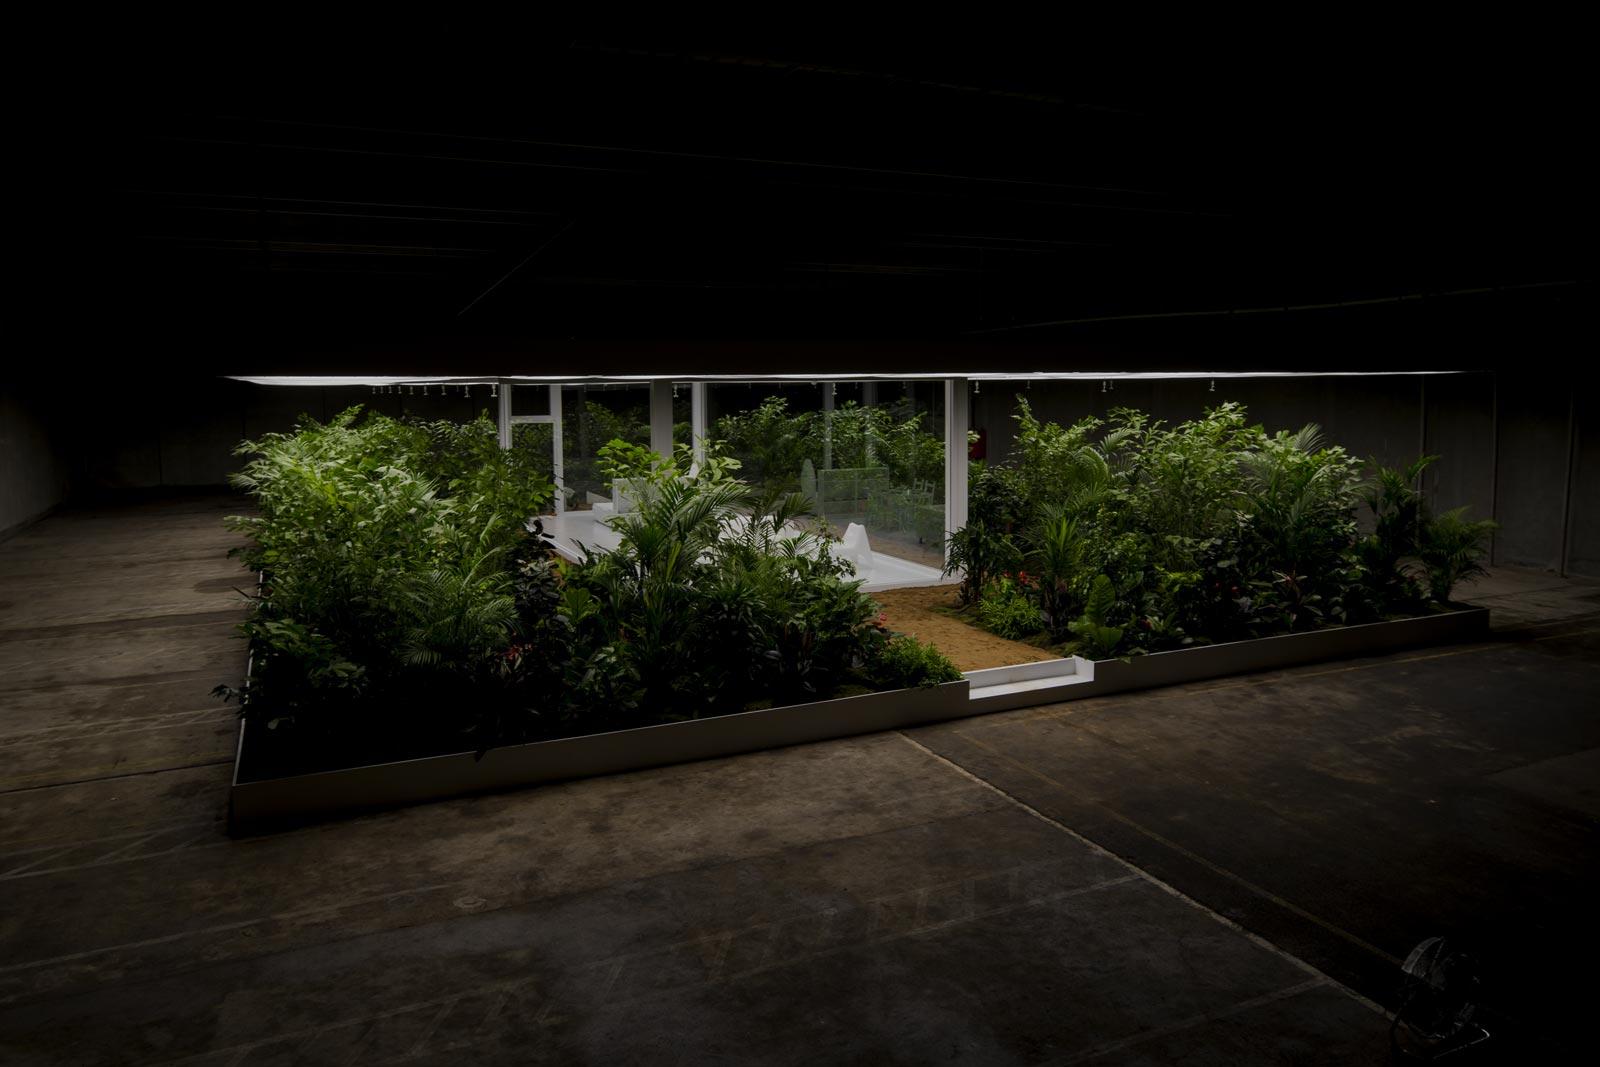 Indendørs plantemiljø. grønne planter,